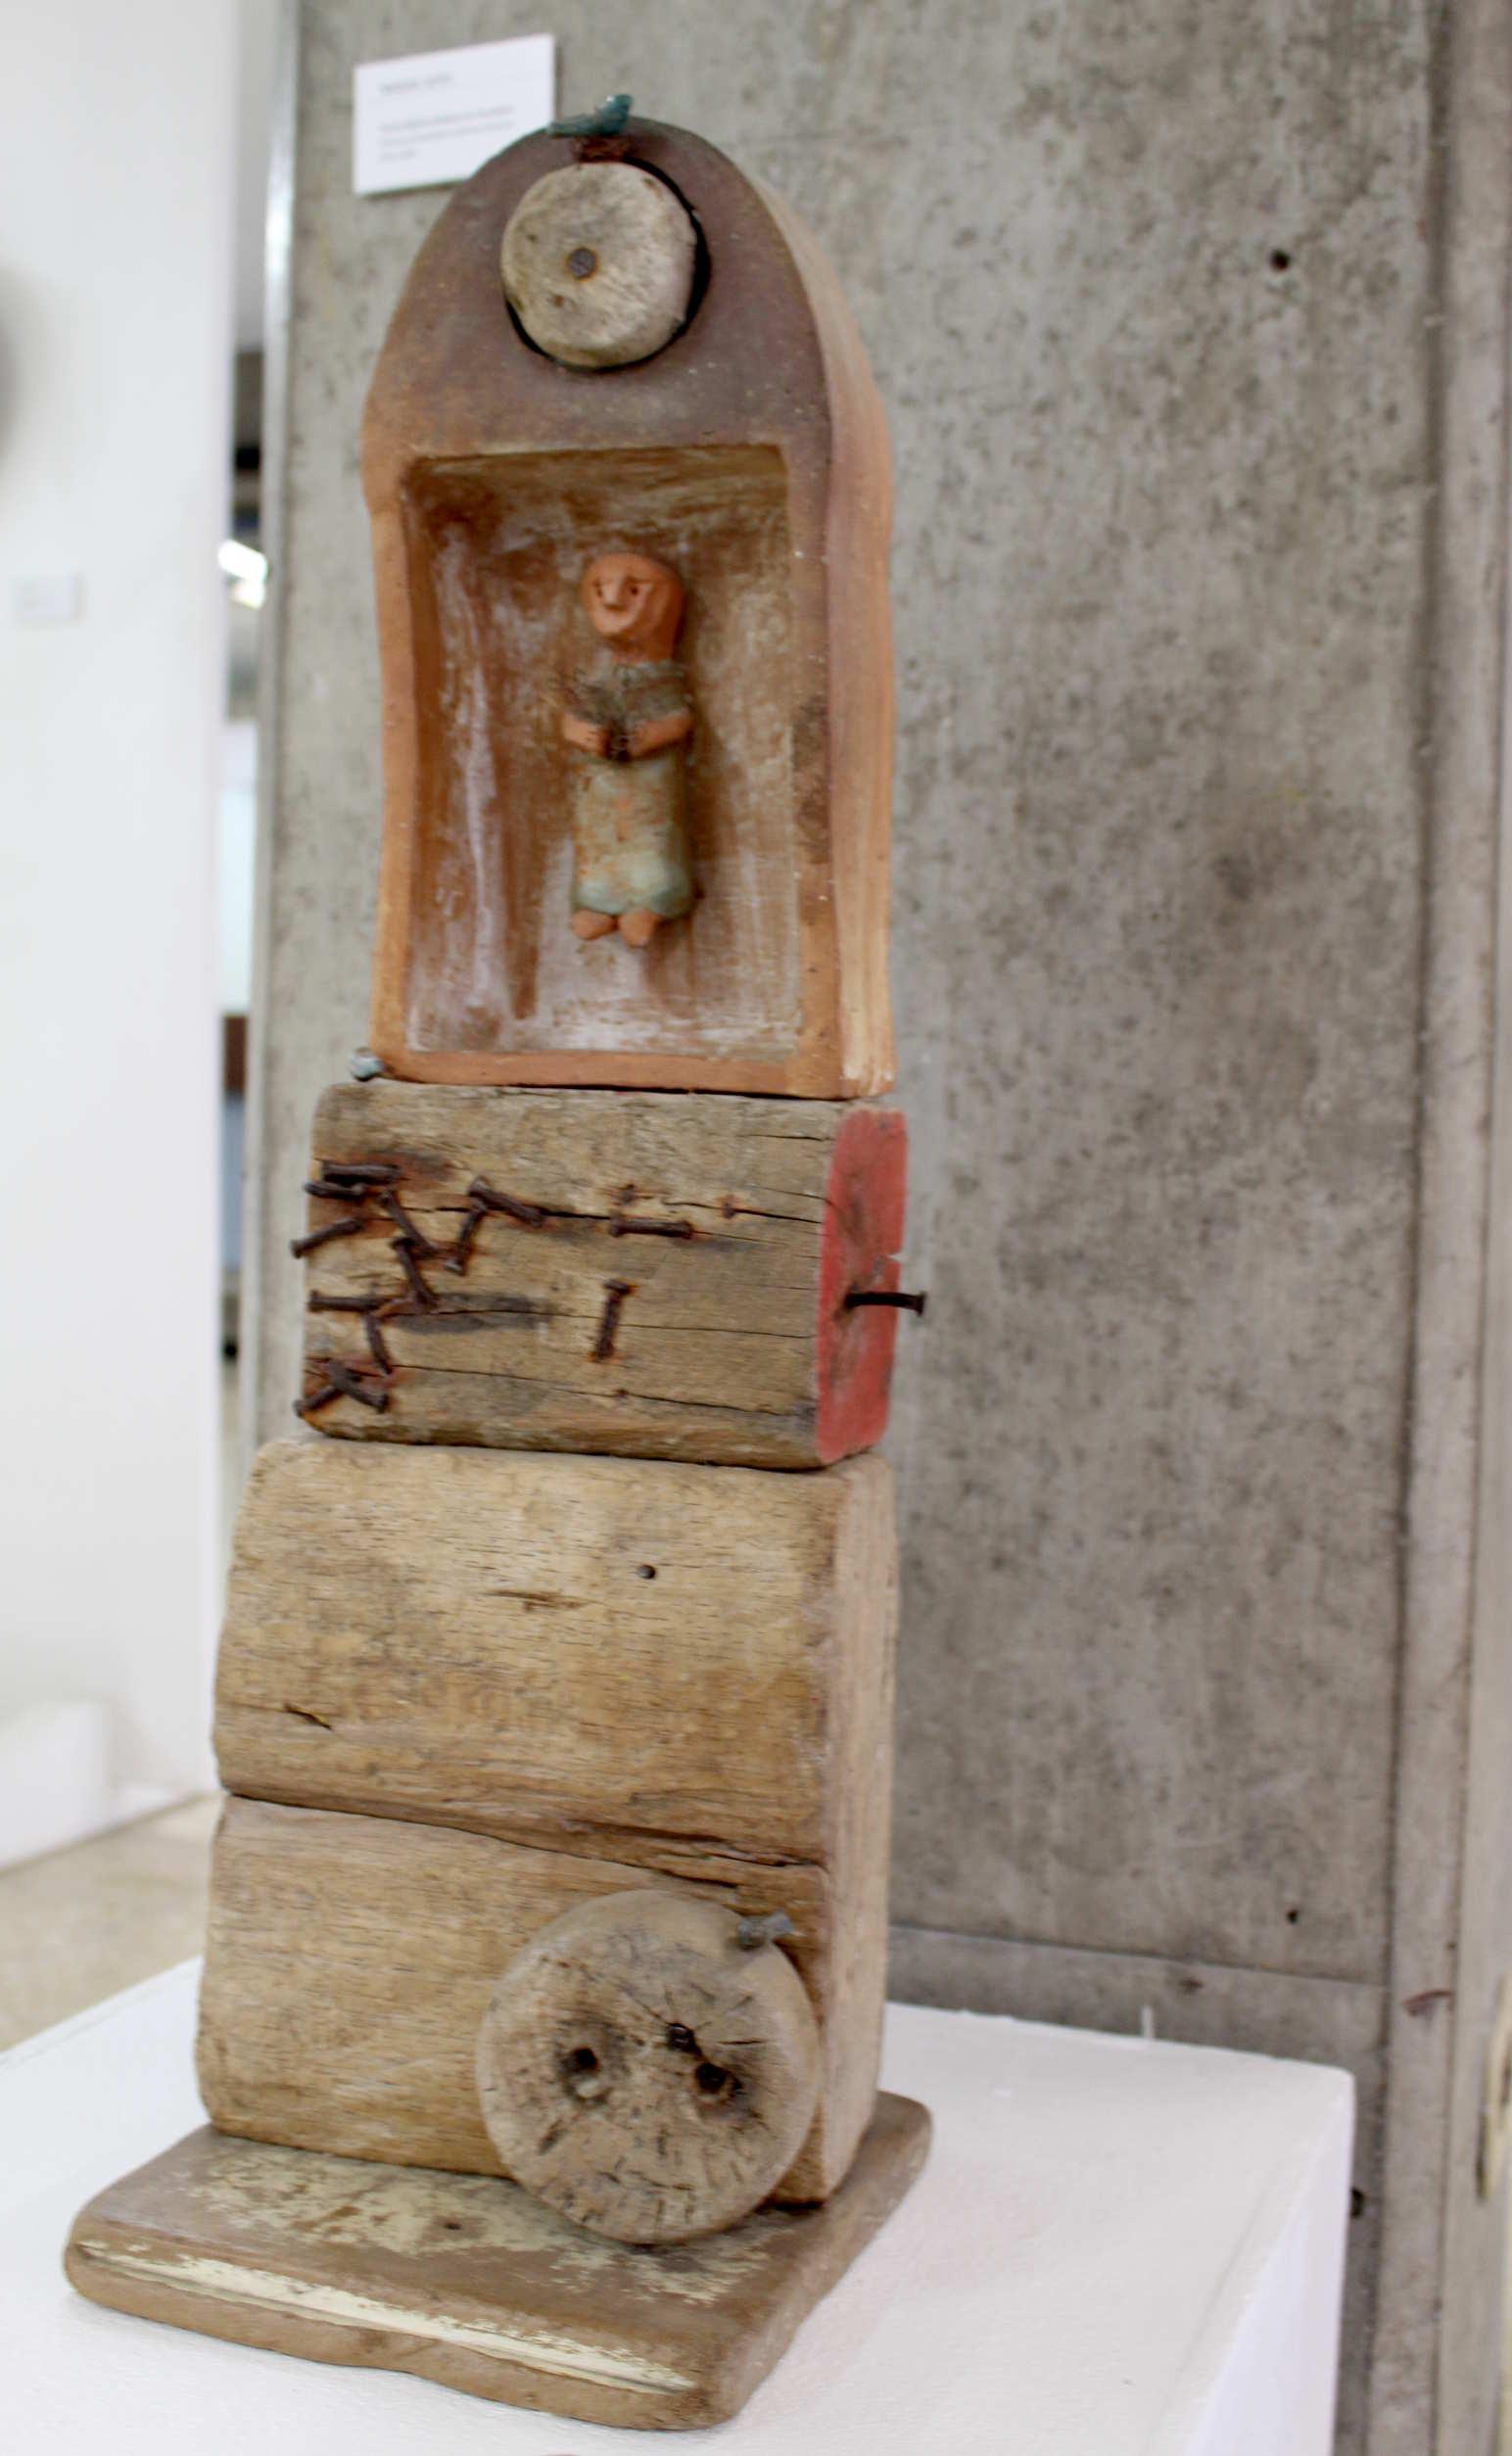 """Obra de Raquel Soto, llamada """"Donde duermen los abrazos"""", técnica utilizada ensamble madera y cerámica, año 2013. Fotografía: Adriana Araya."""